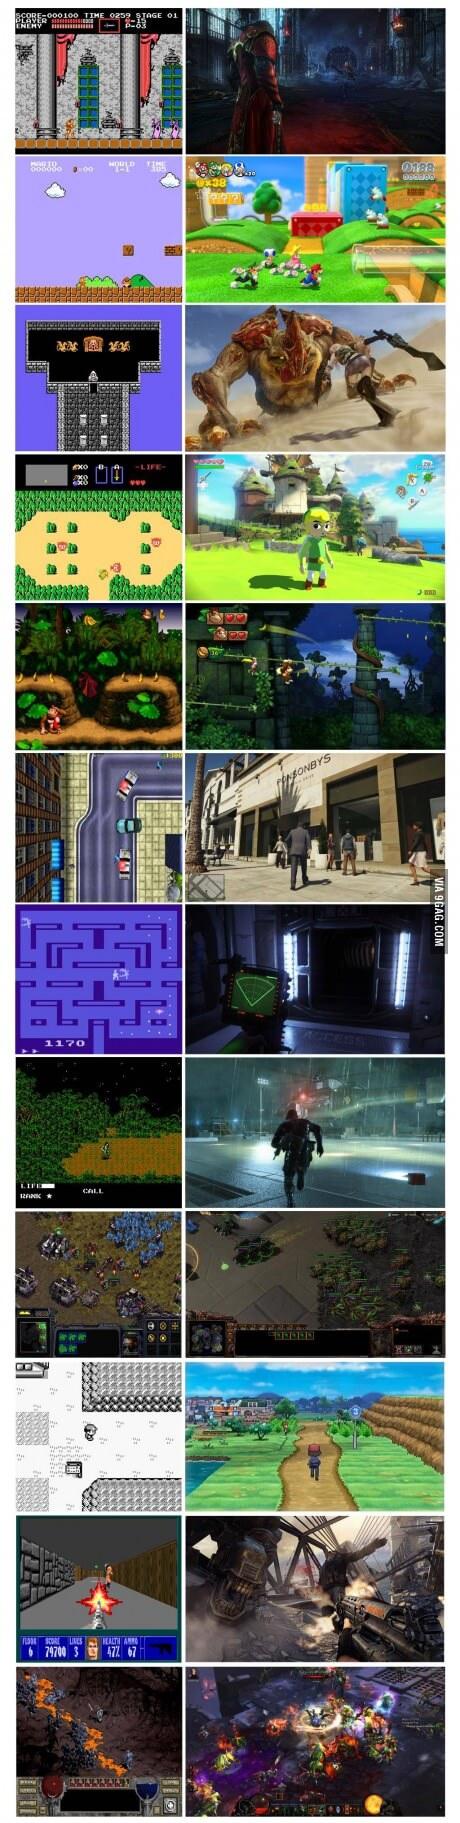 El antes y despues de muliples videojuegos